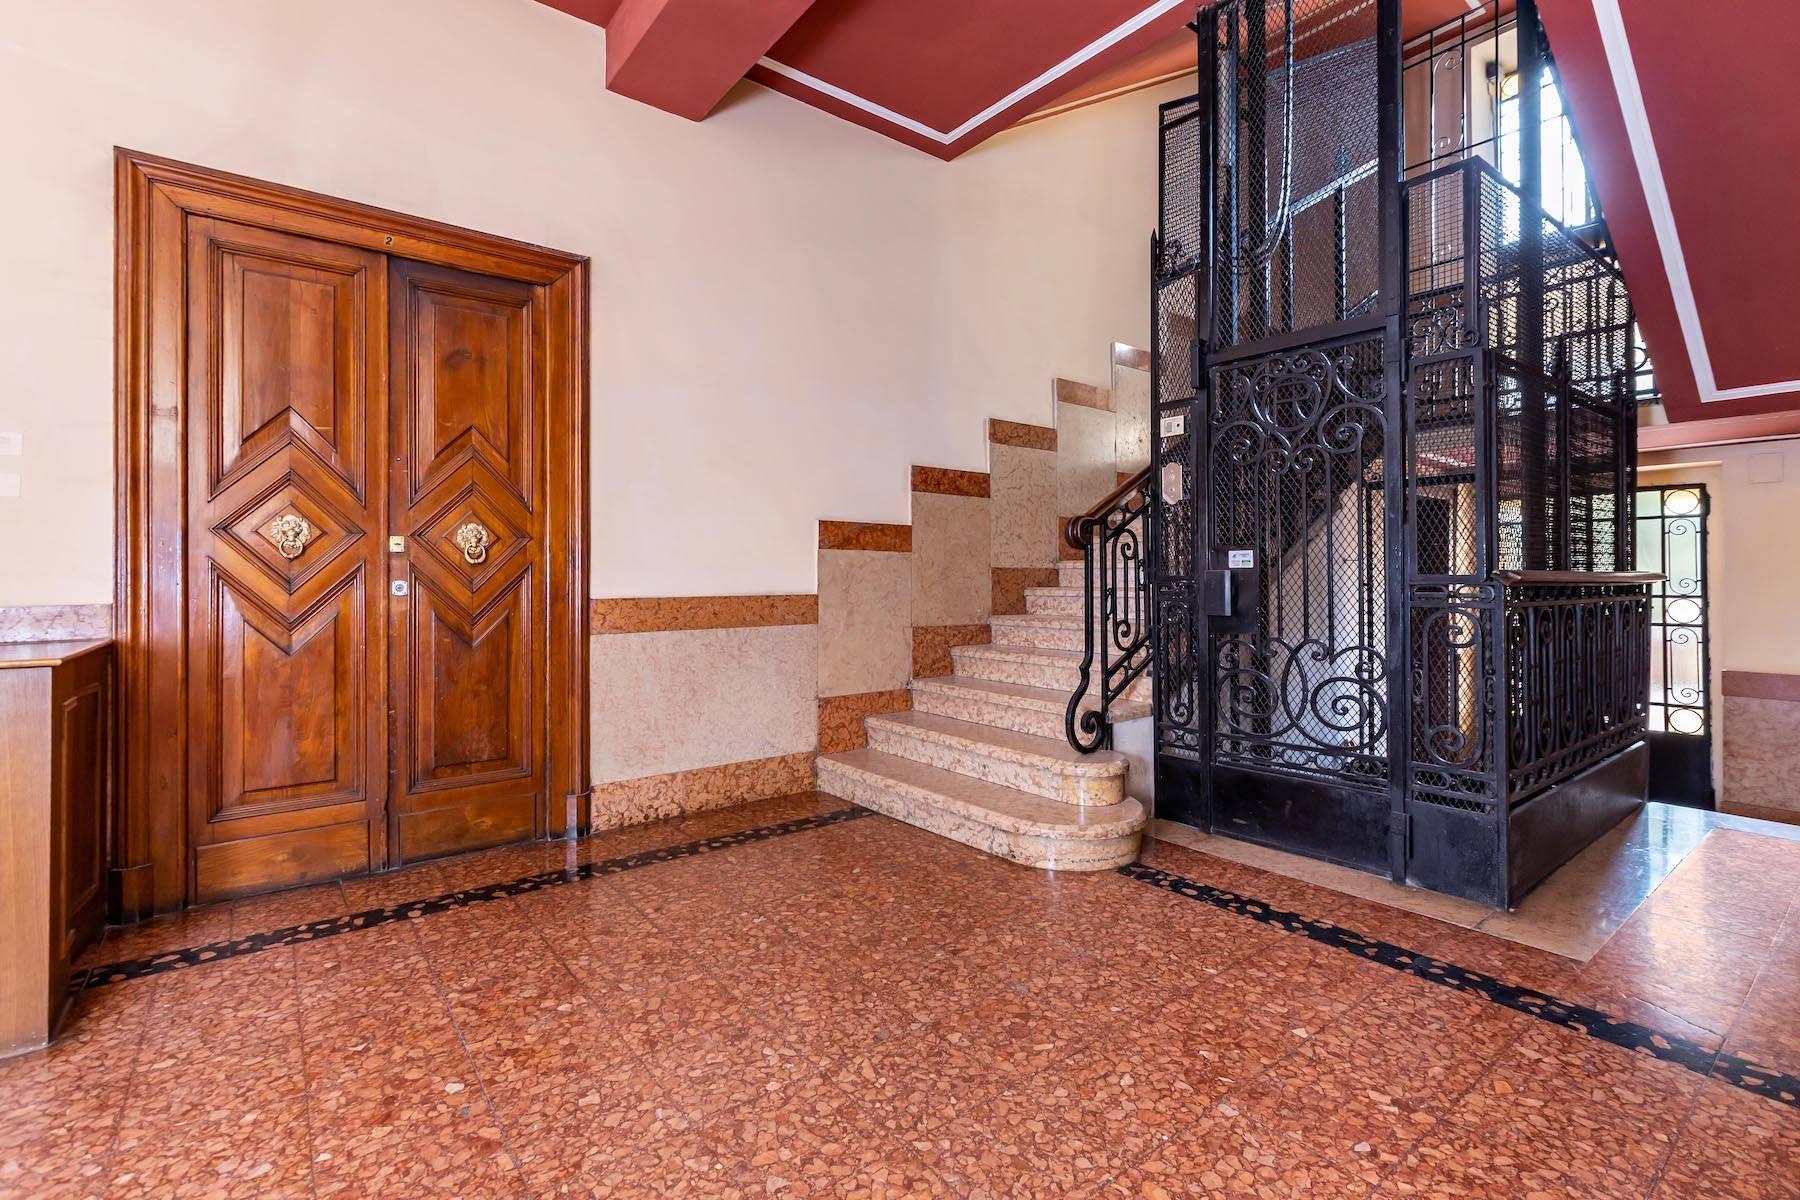 Herrliche Wohnung in einem eleganten historischen Gebäude mit Blick auf den Adige - 8